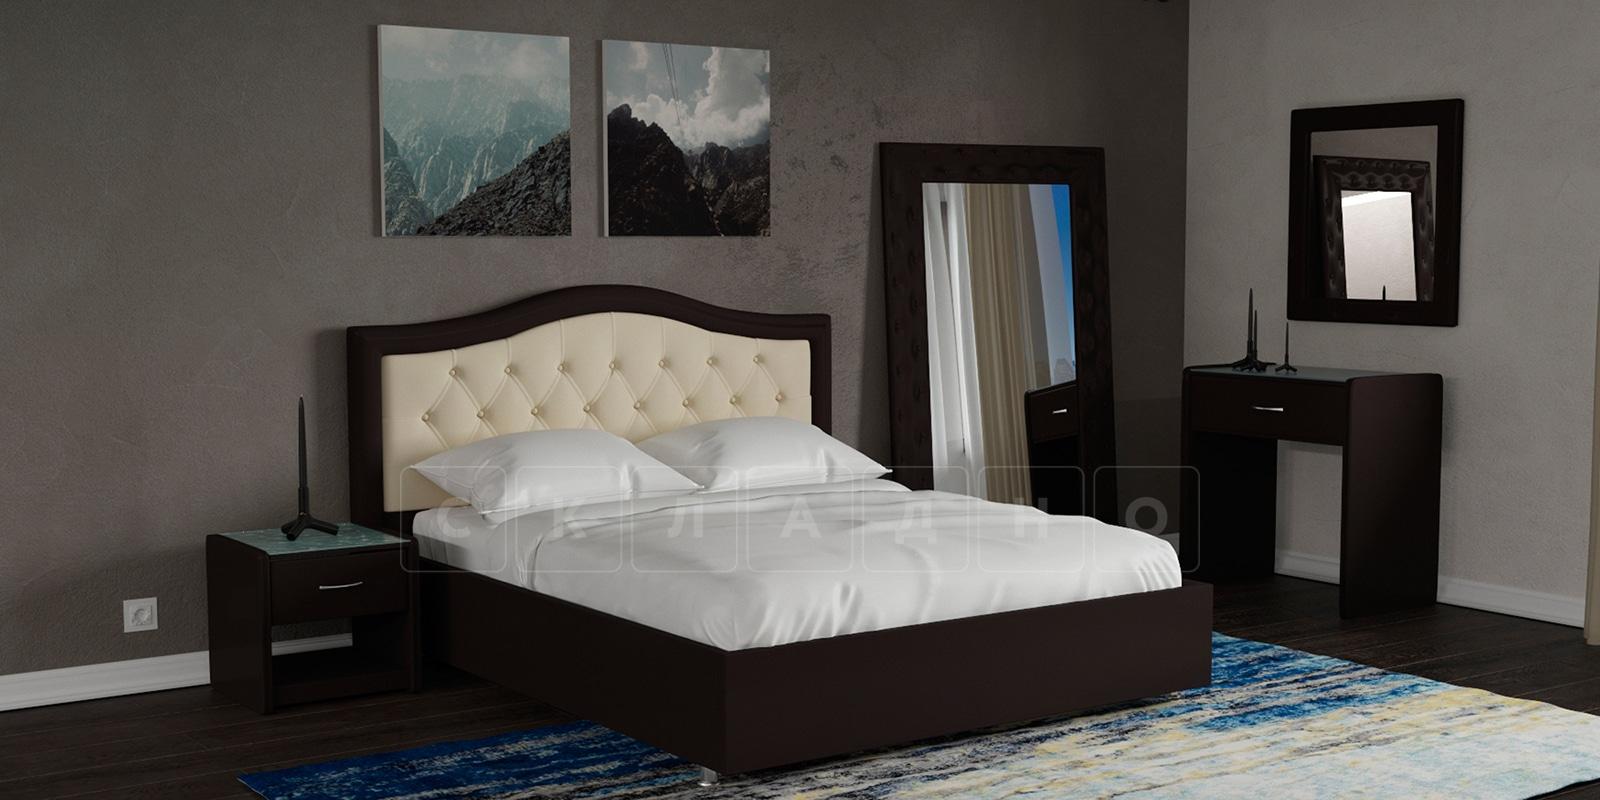 Мягкая кровать Малибу 160см экокожа бежевый-шоколад вариант 9-2 фото 7 | интернет-магазин Складно